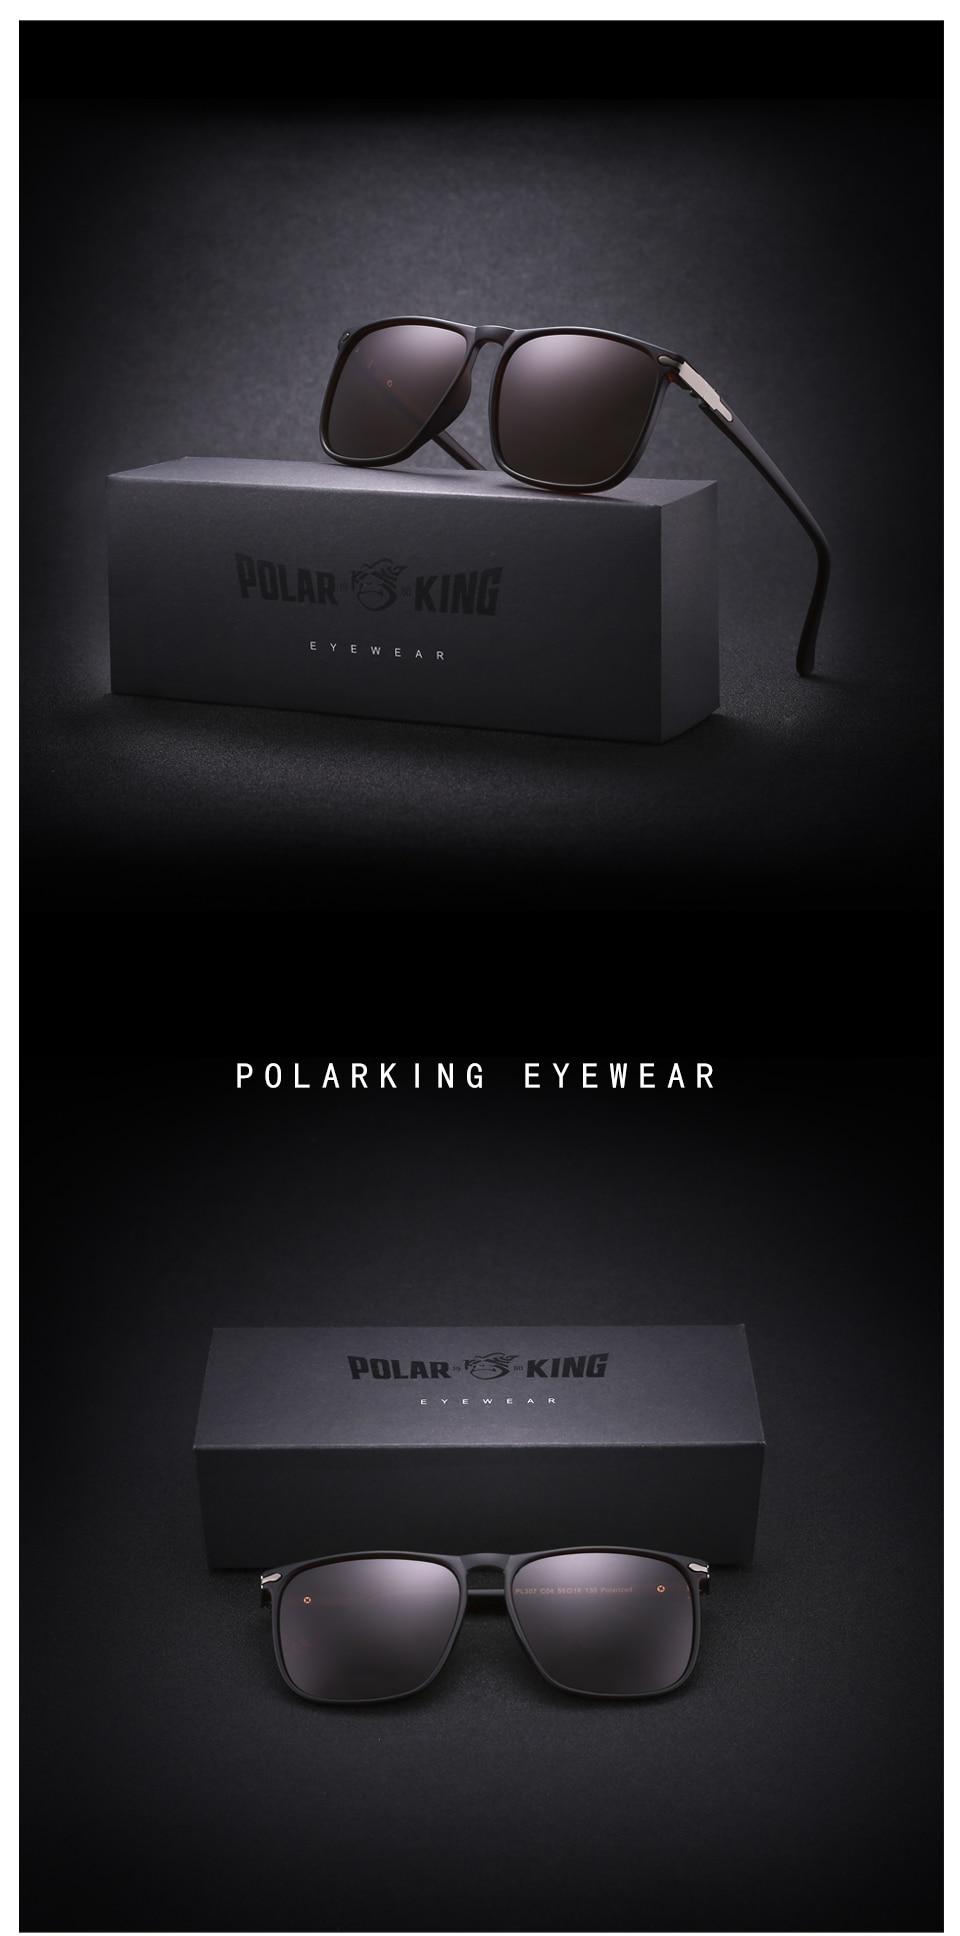 b18fde4b07 POLARKING 307 Square Polarized Sunglasses – Sunglasses for Men